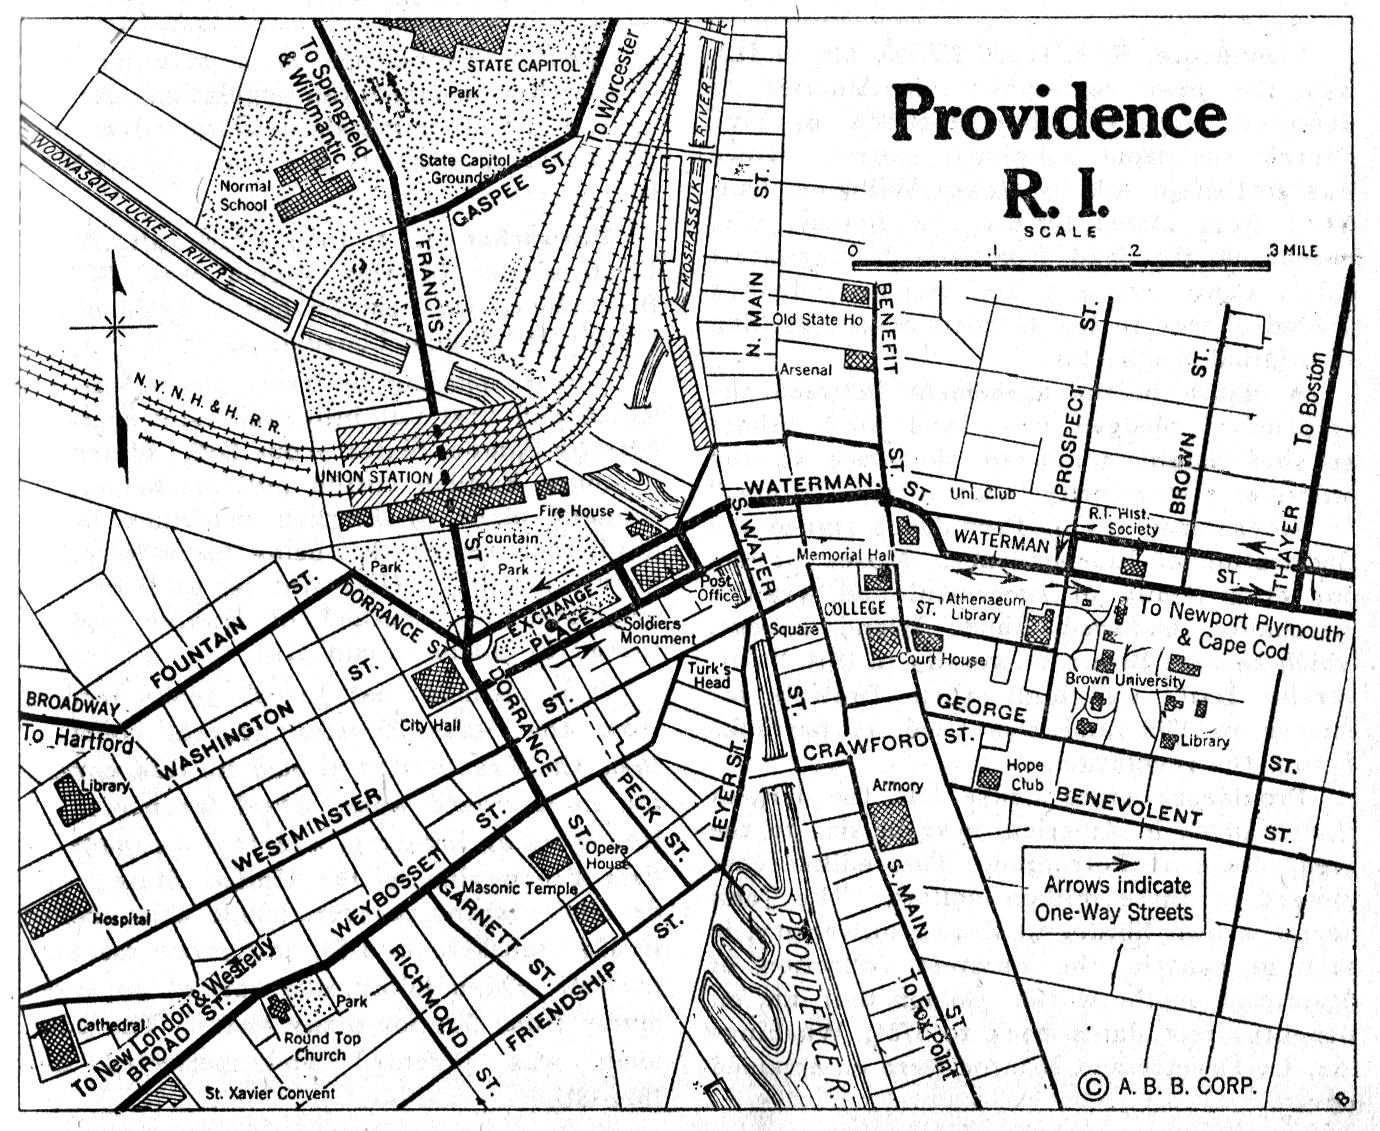 ProvidenceRI1923ABB.png 1,380×1,131 pixels   inspiration: apparel ...